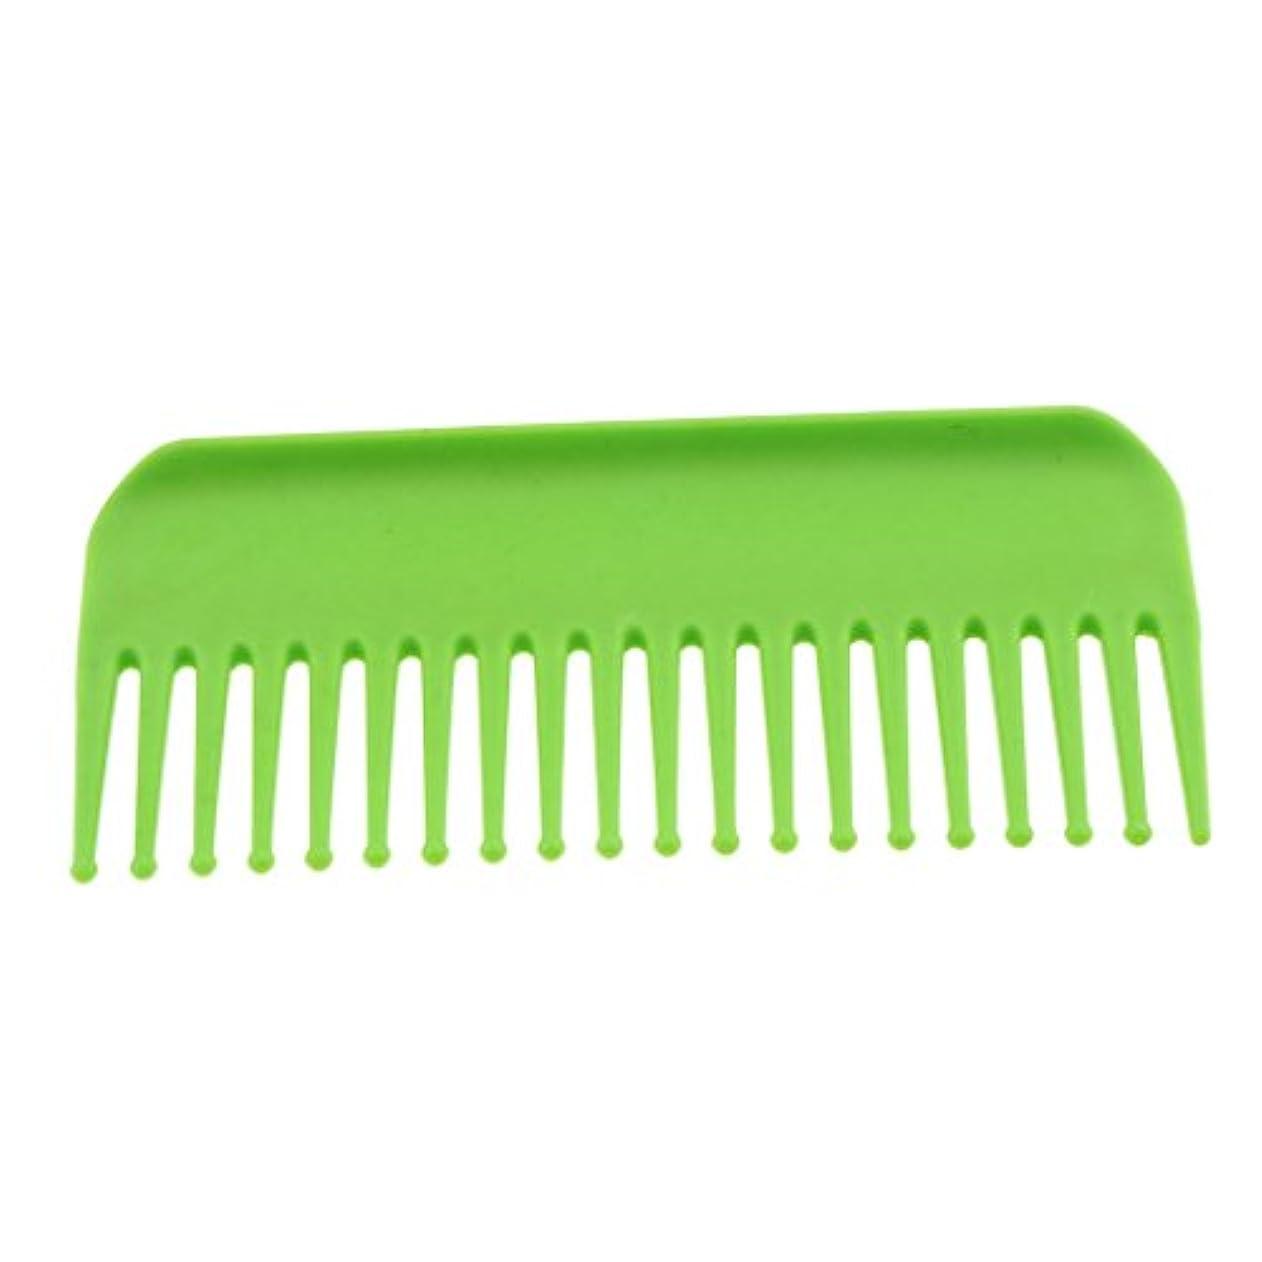 羊複製マスタードサロンヘアケア脱毛ヘアコームヘアブラシスタティックワイド - 緑